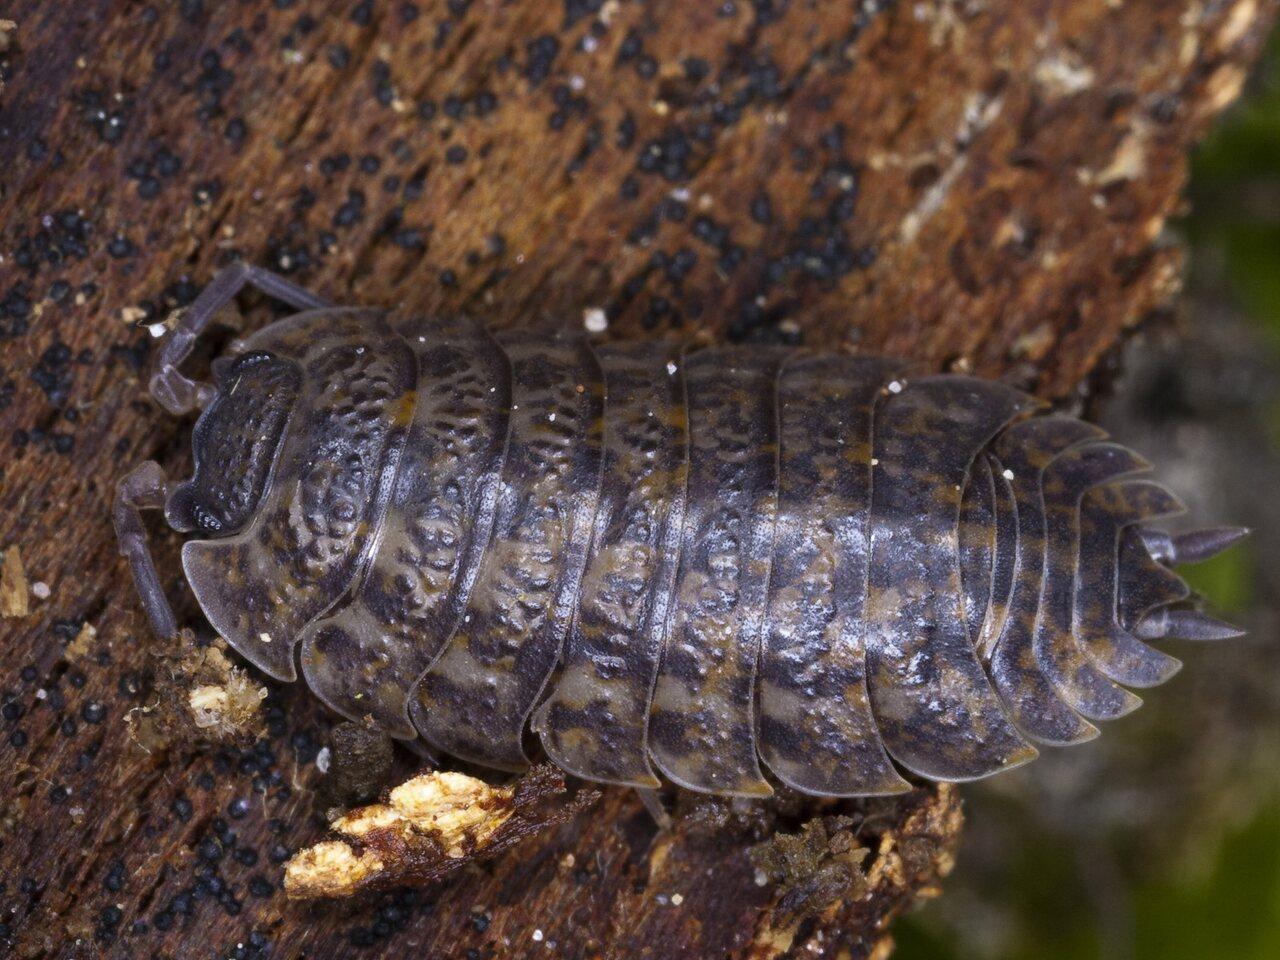 Oniscusasellus-4106.jpg